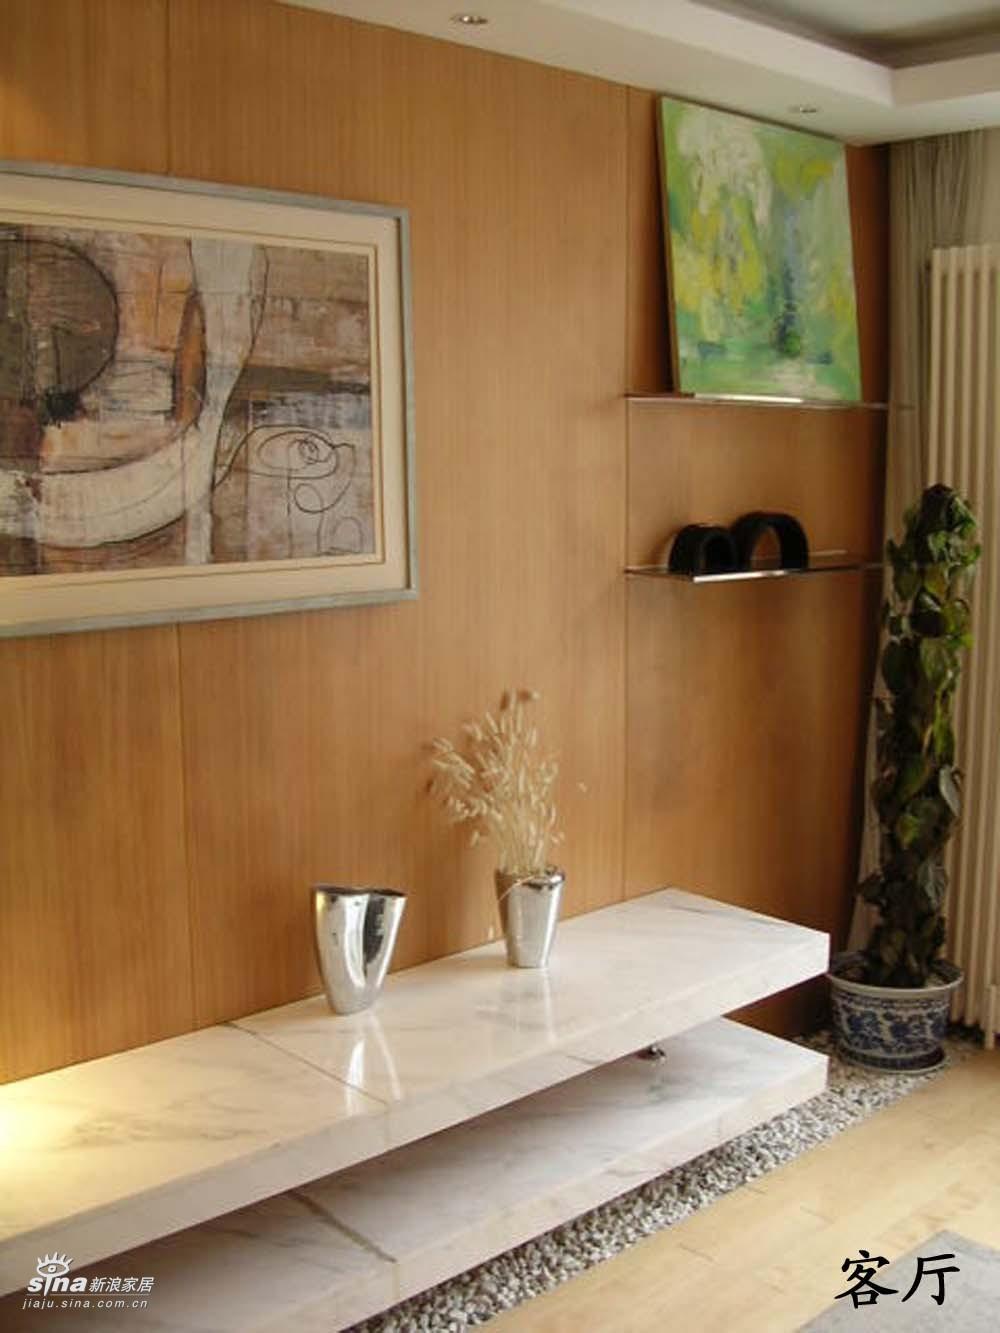 简约 三居 客厅图片来自用户2745807237在刘绍军作品97的分享